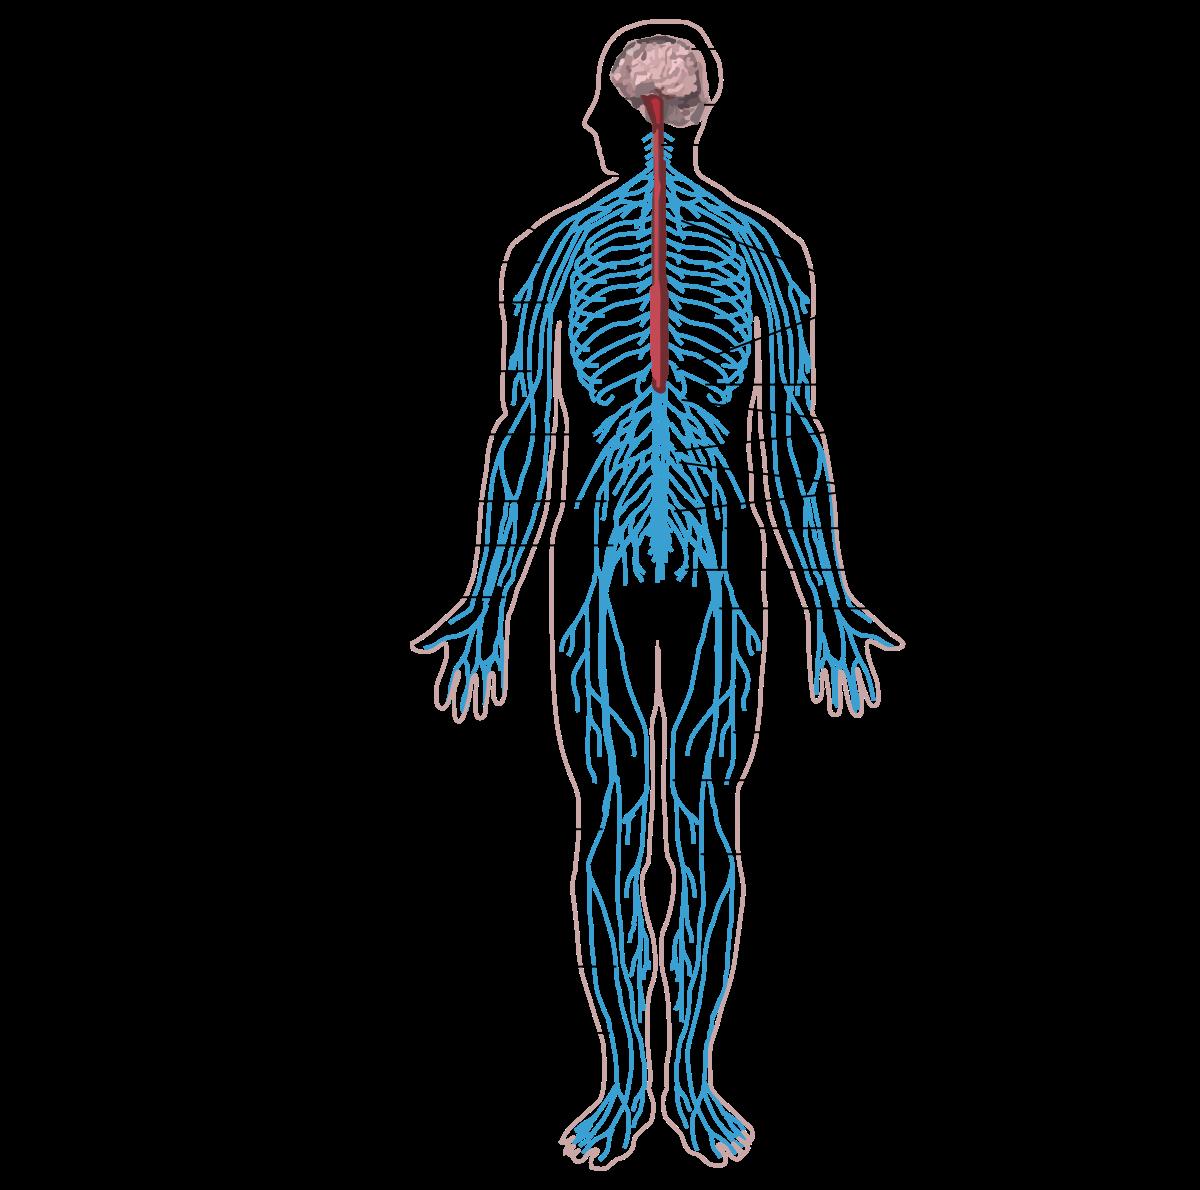 milyen gyógyszerek távolítják el az emberi test parazitáit